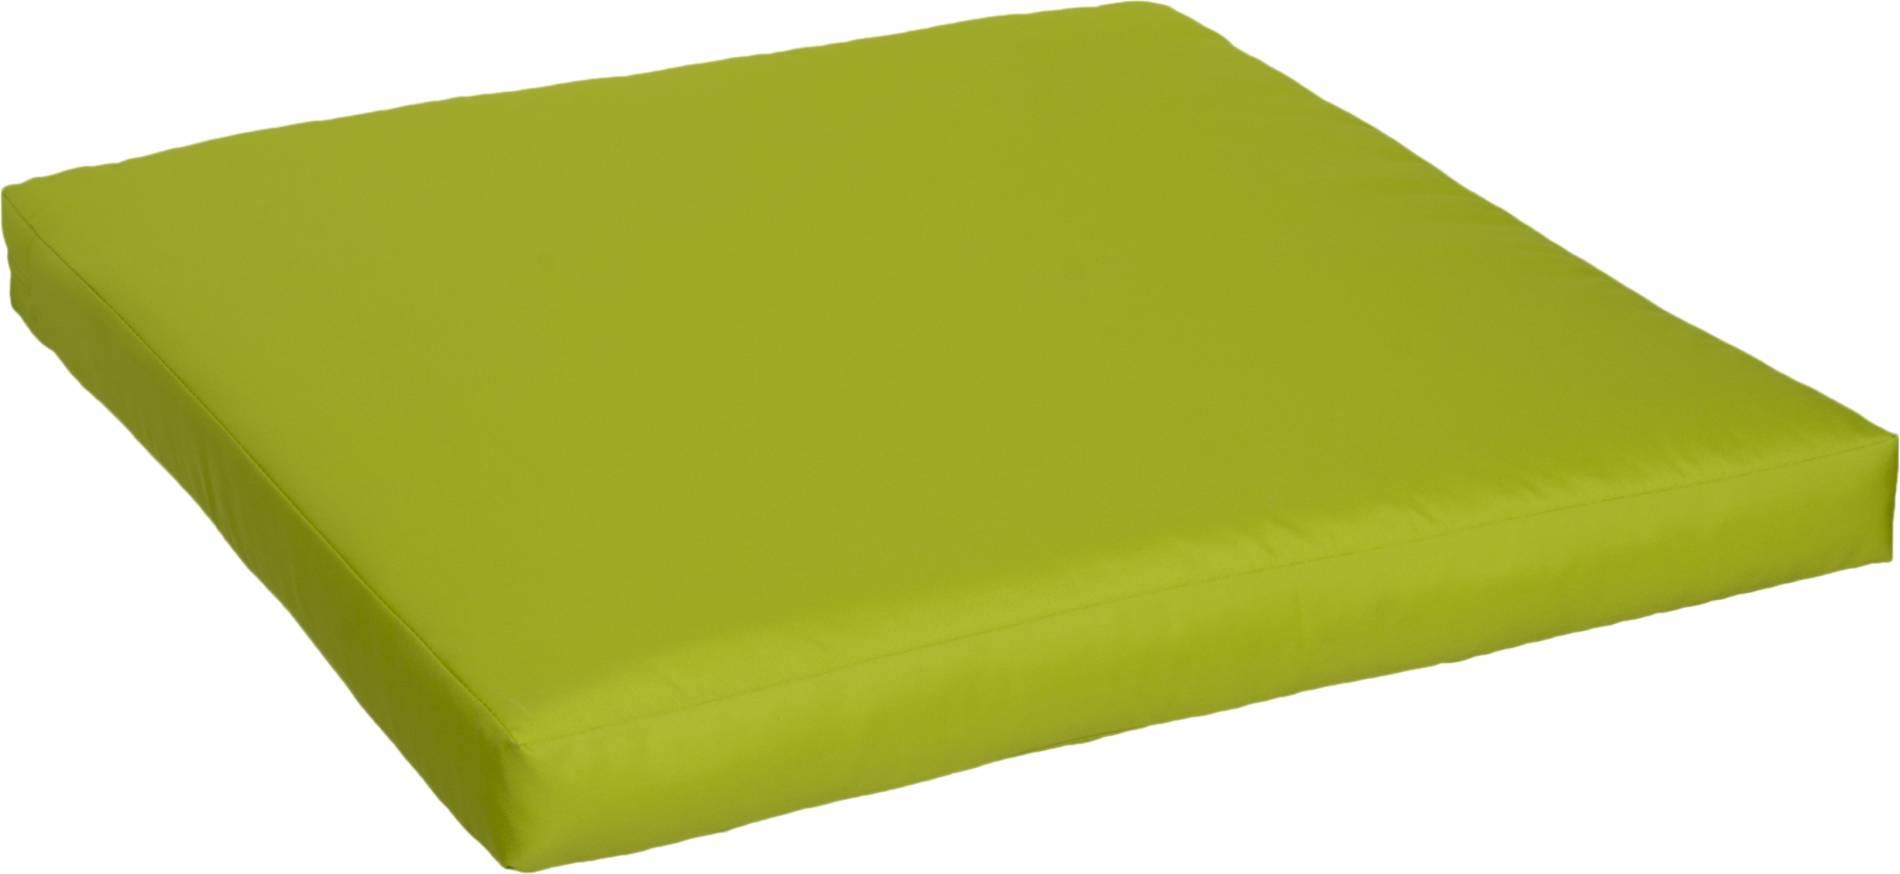 Hellgrüne wasserabweisende Reissverschluss Sitzkissen für Lounge Gruppen ca. 80 x 80 cm